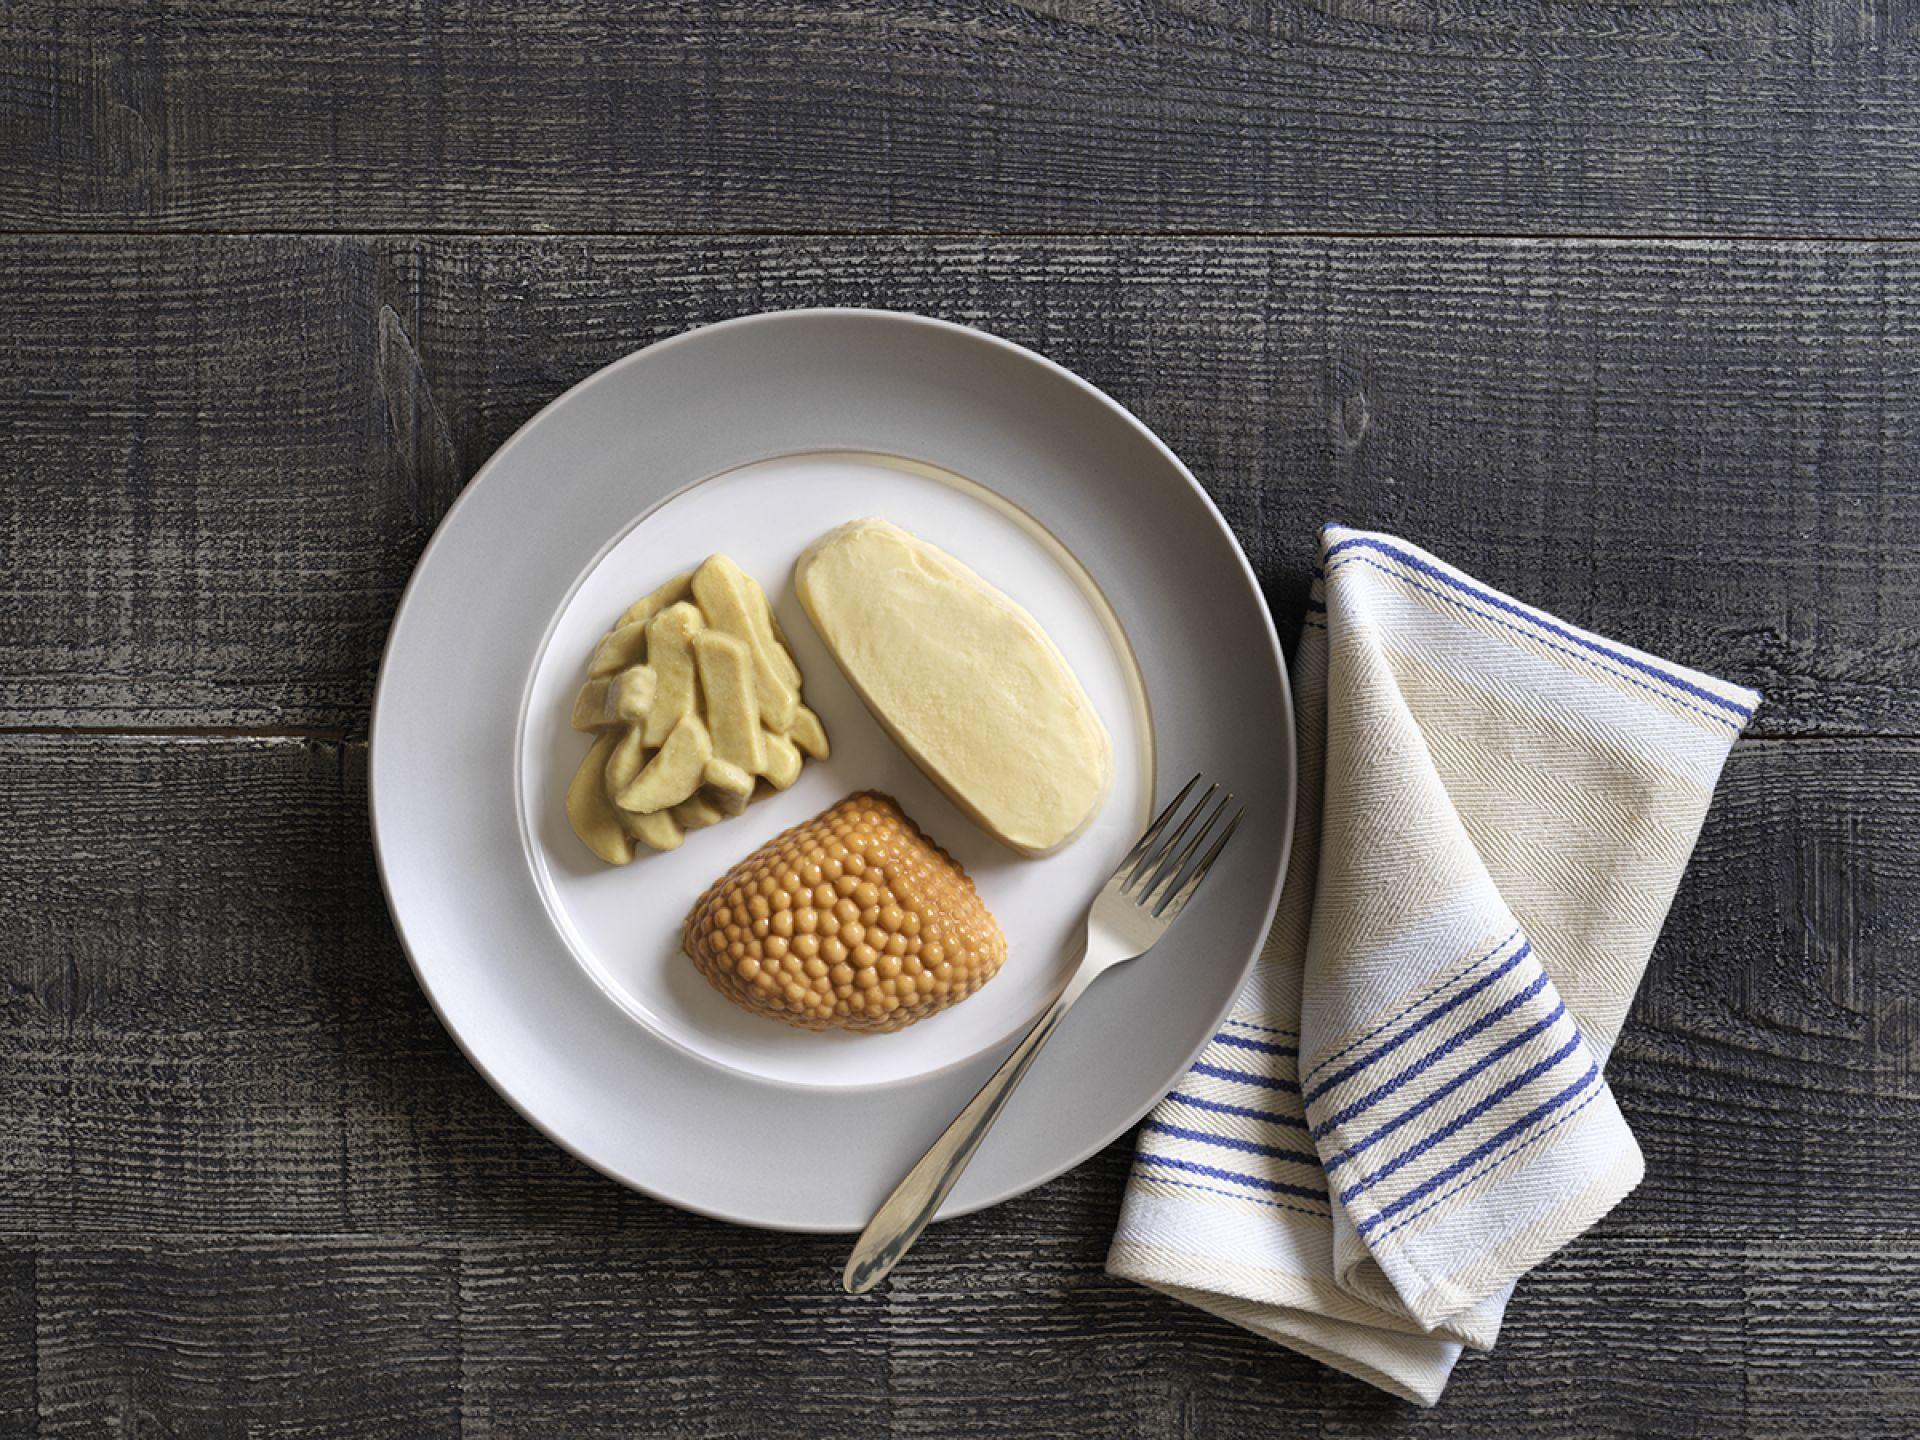 217090-Puree-Petite-Omelette,-Chips-and-Beans-v2.jpg